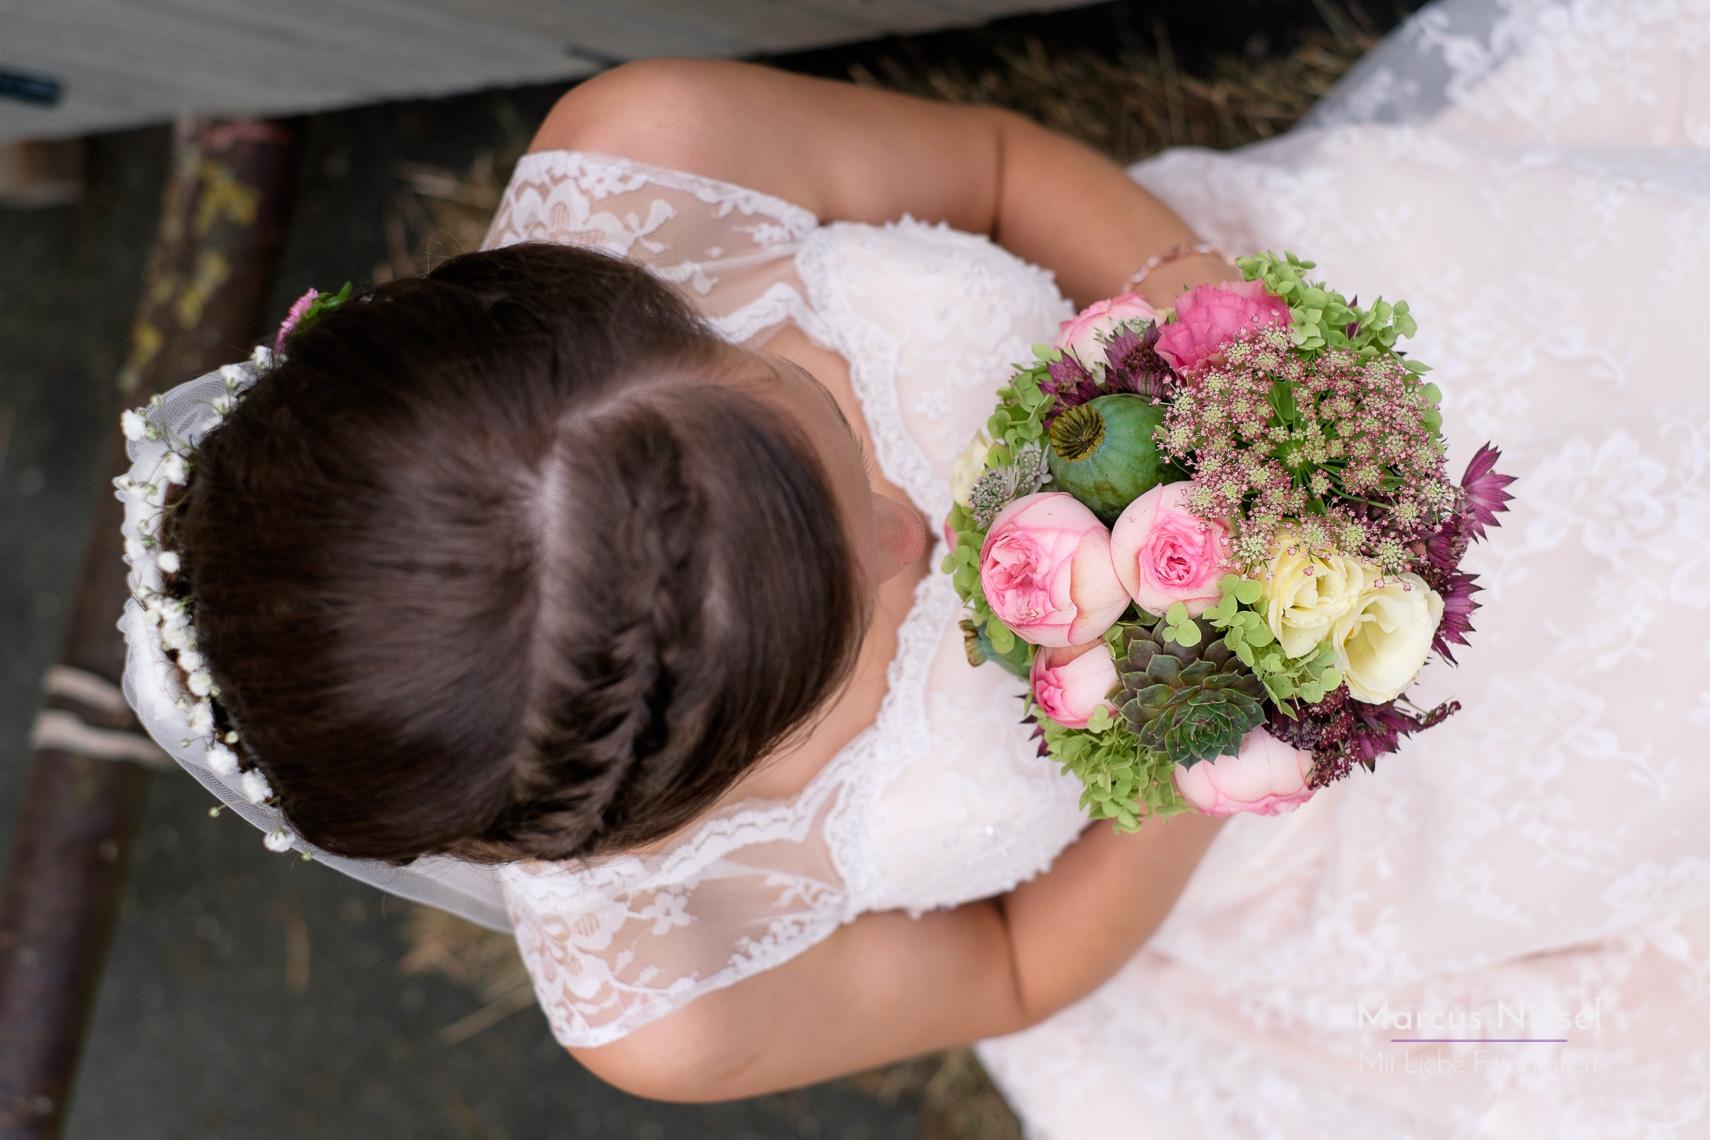 Der Brautstrauß von oben fotografiert. Hochzeitsfotoschooting mit Marcus Niesel in Ettenheim.